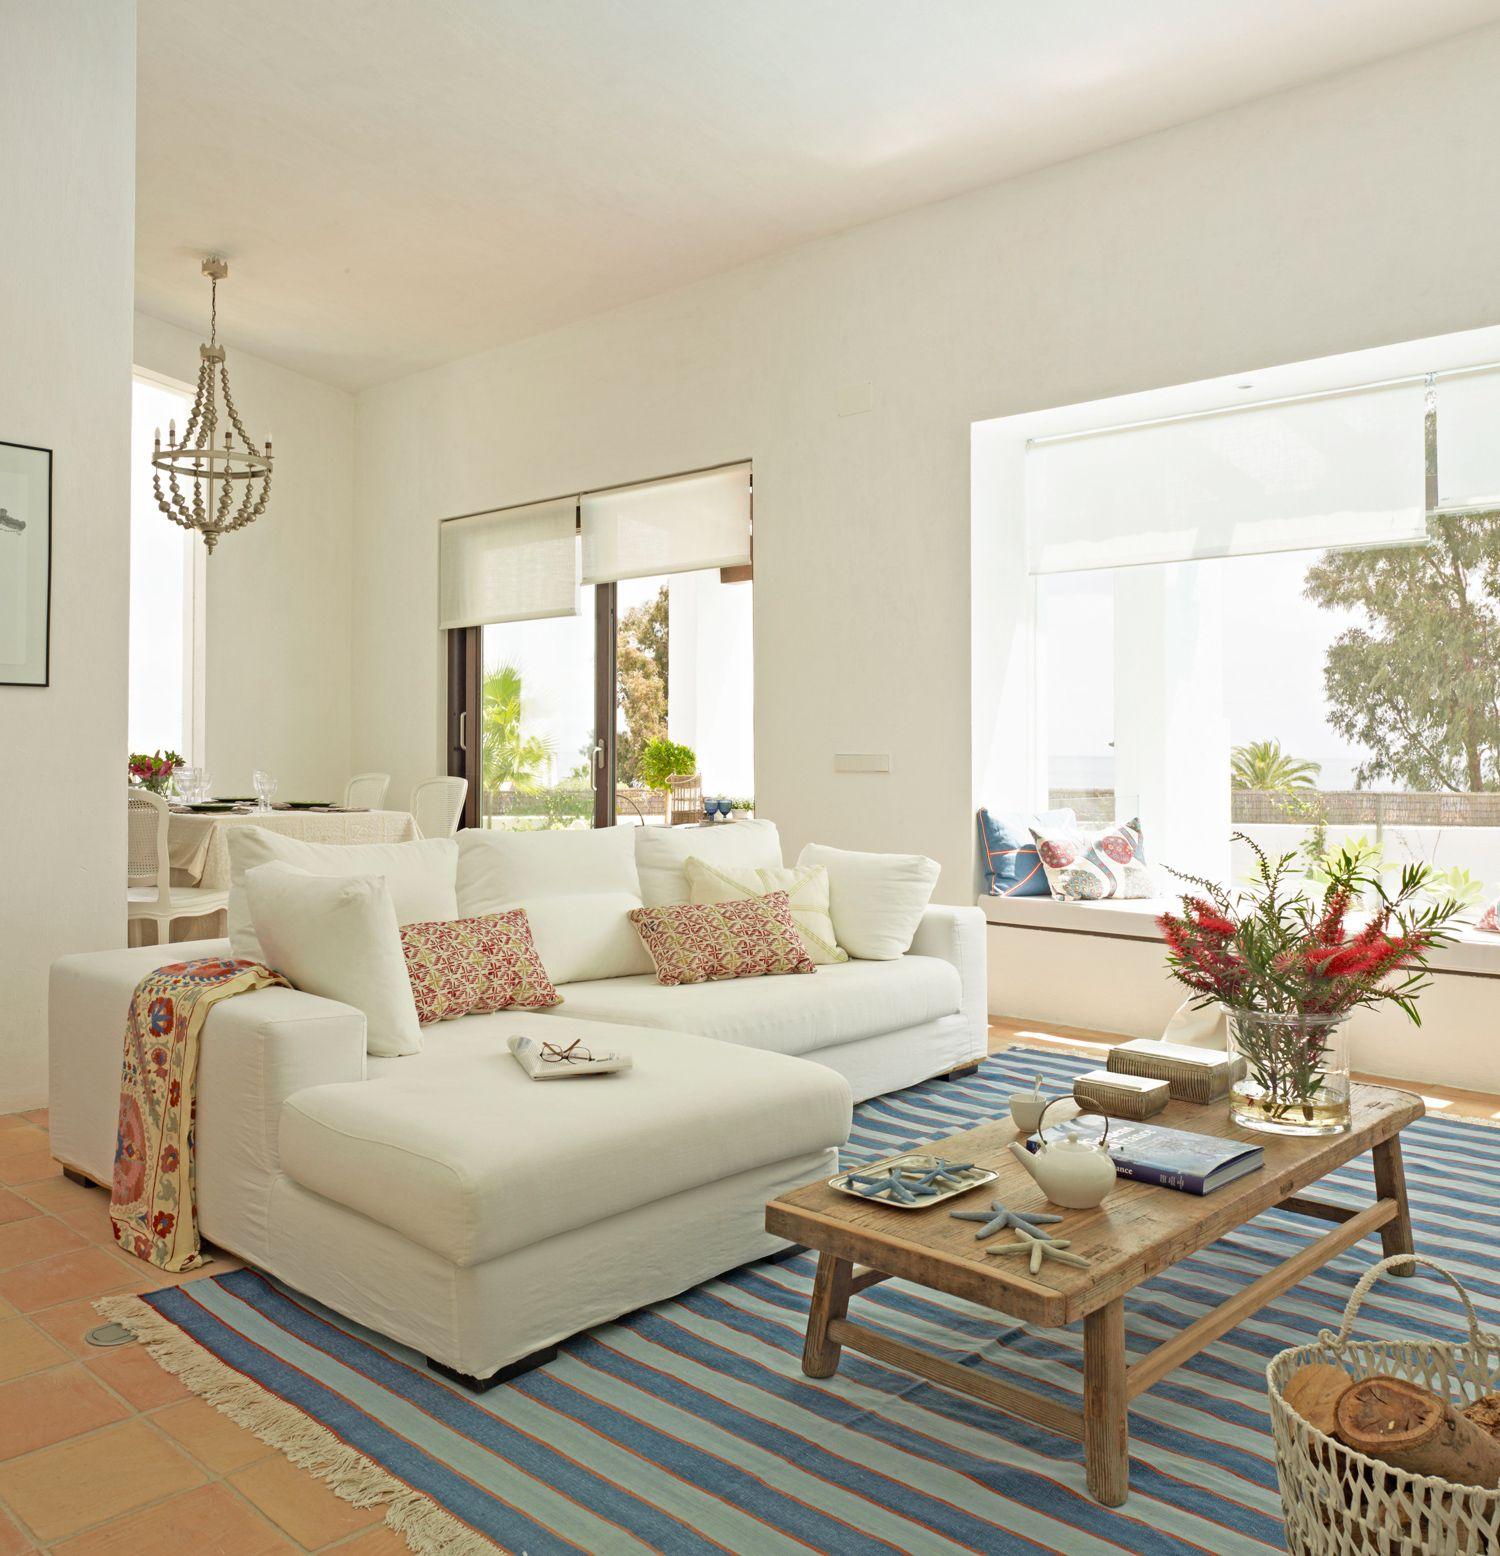 Puedo Colocar Un Sofá Con Chaise Longue Diseño De Sala Comedor Sofá De La Sala Decoracion De Salas Pequeñas